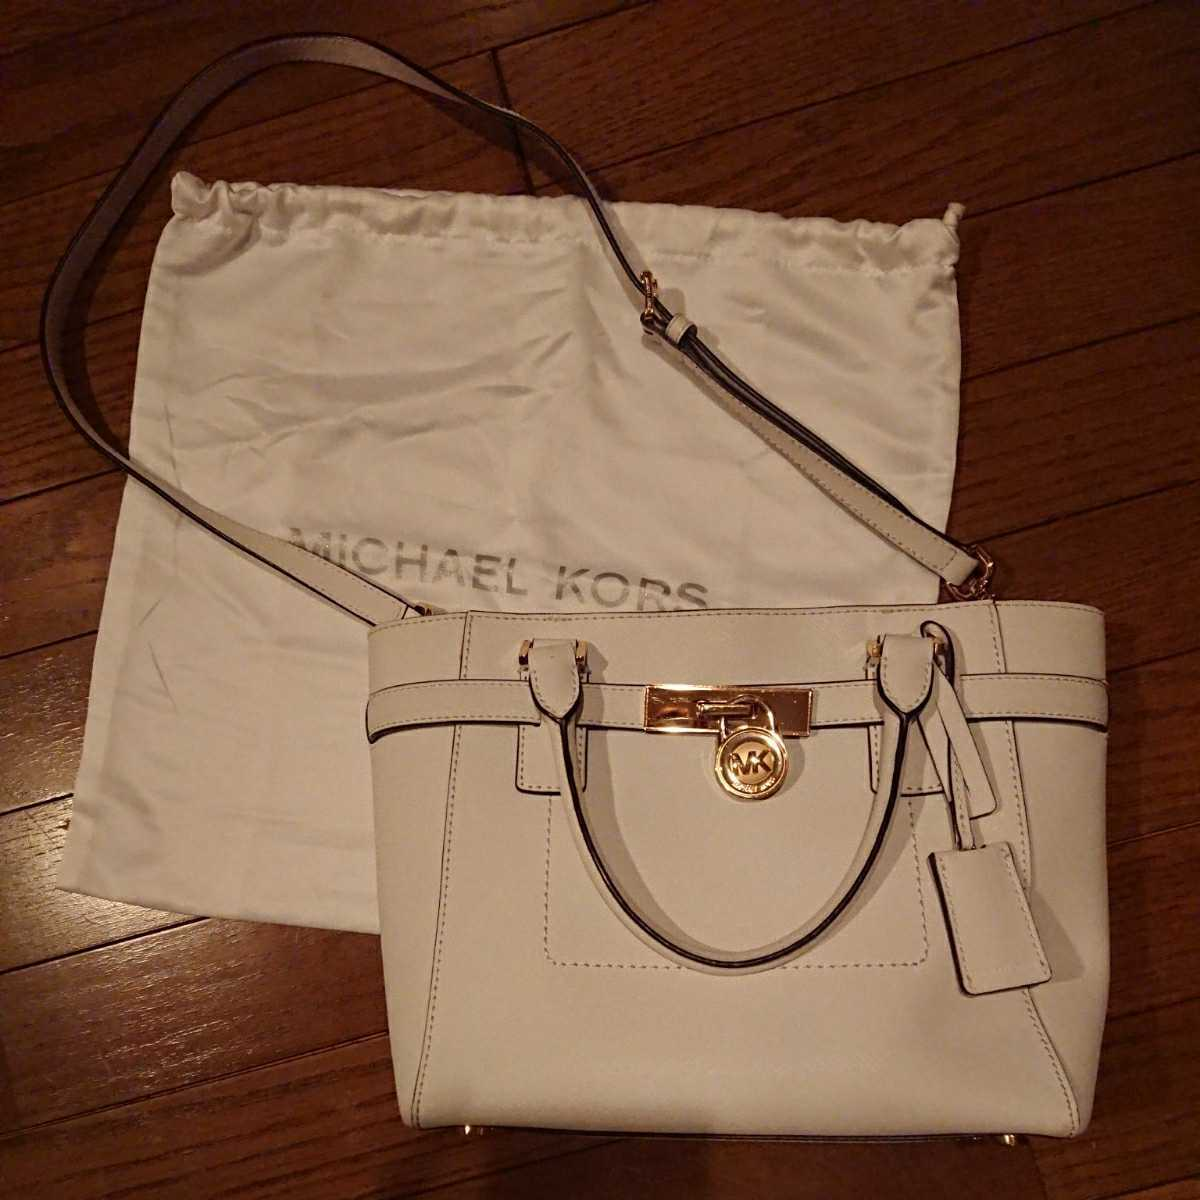 MICHEAL KORS マイケルコース ハンドバッグ ショルダーバッグ 2way カバン 鞄 かばん バッグ バック 白 ホワイト 袋付 ショルダー紐